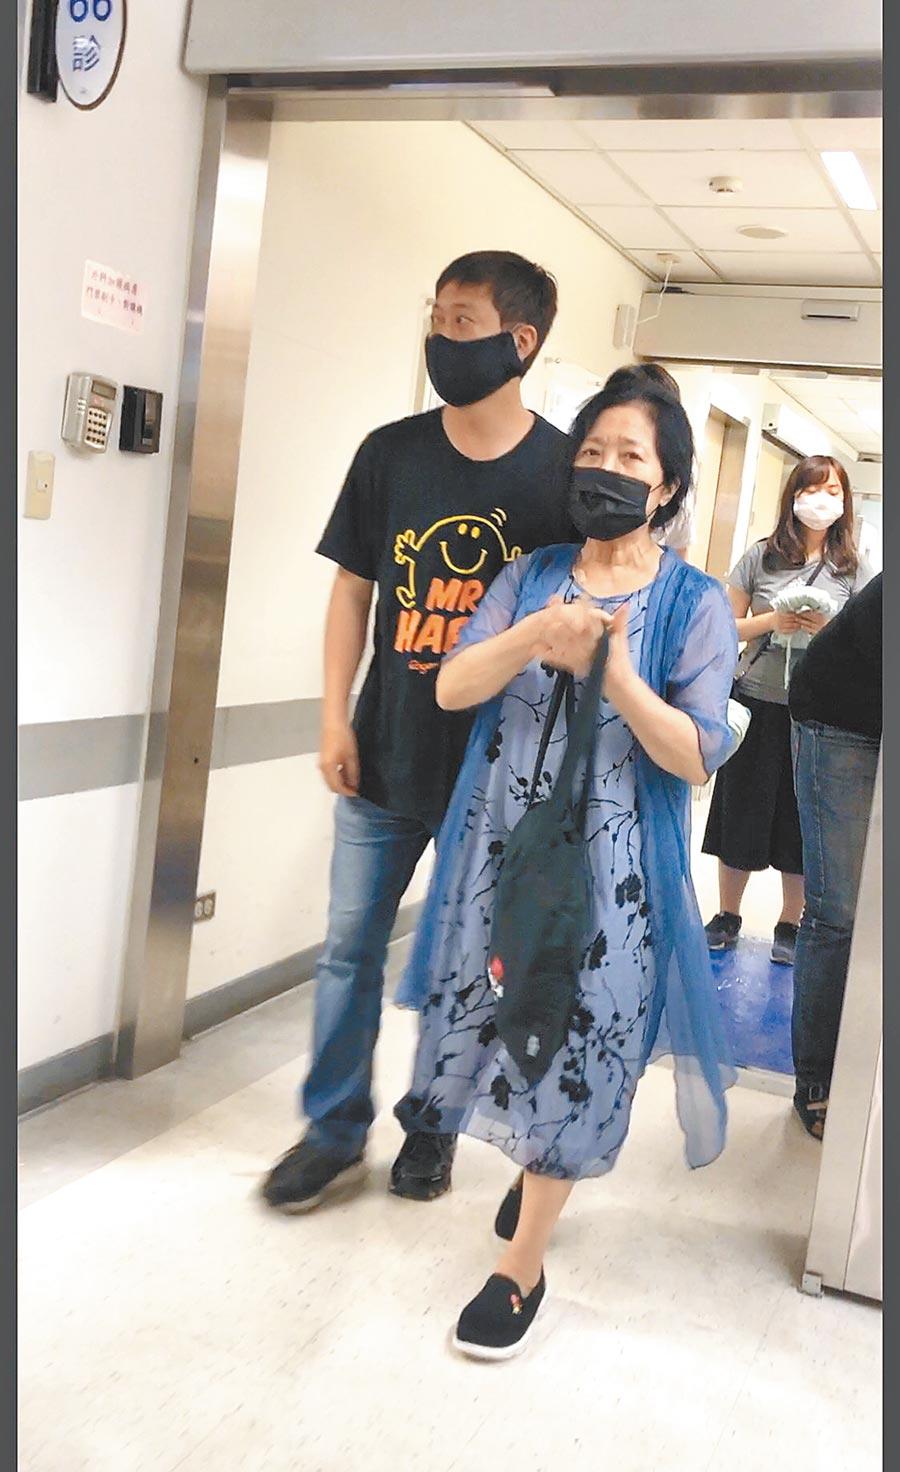 黃士庭(左)昨午攙扶著沛小嵐離開加護病房,但沛小嵐昨晚未現身醫院。